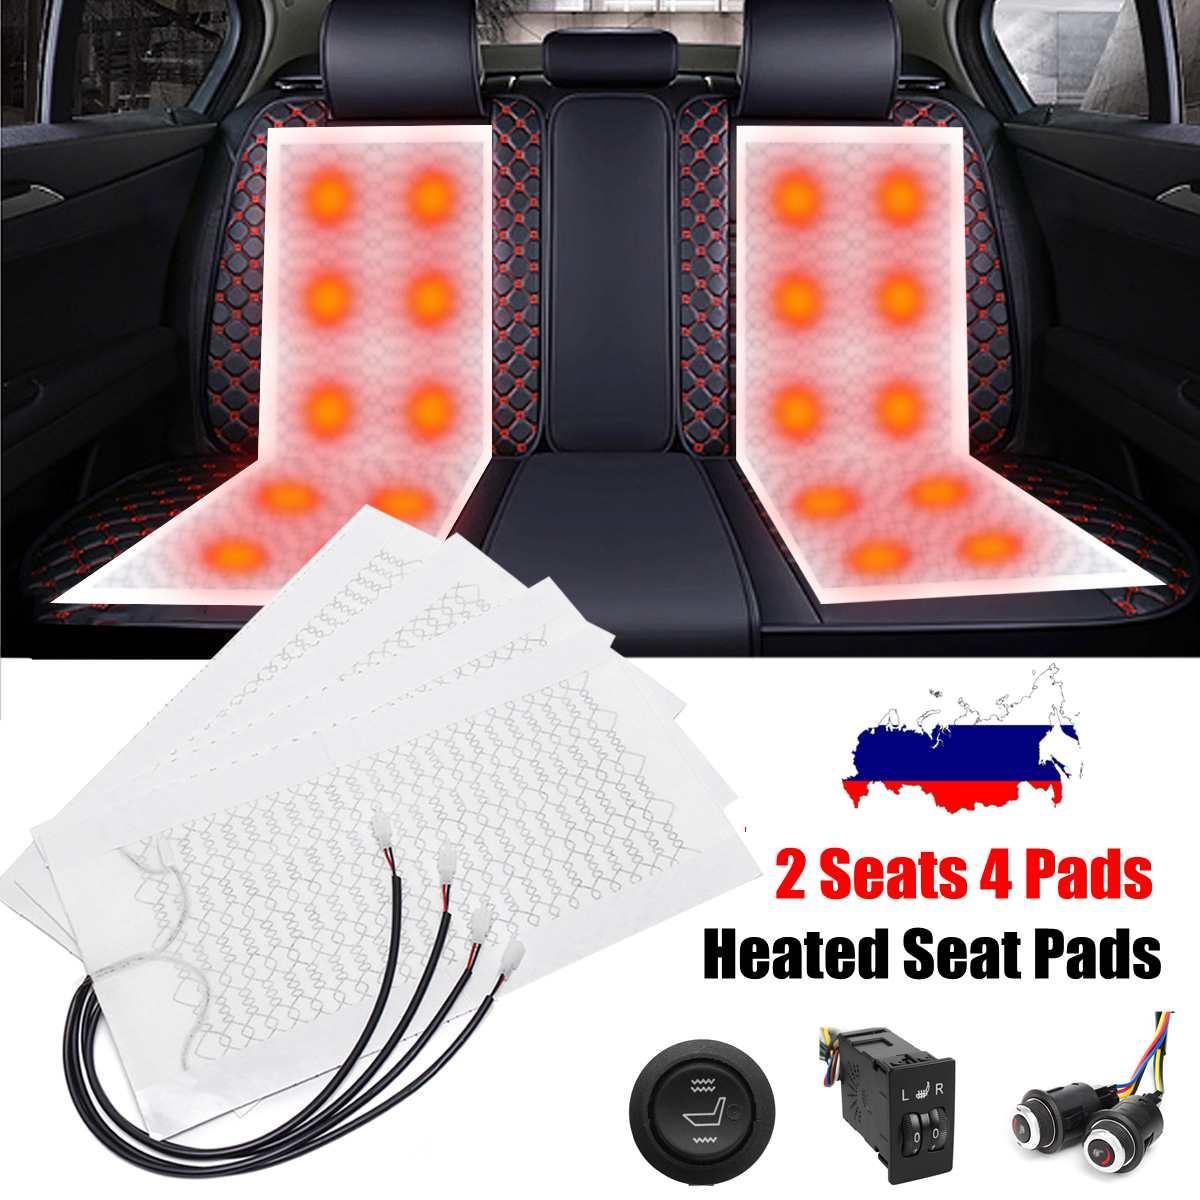 Universal 12 V 2 Assentos 4 12 V Almofadas Almofadas de aquecimento De Fibra De Carbono Aquecedor de Assento Aquecido 2 5 6 Nível interruptor Winter Warmer Seat Covers